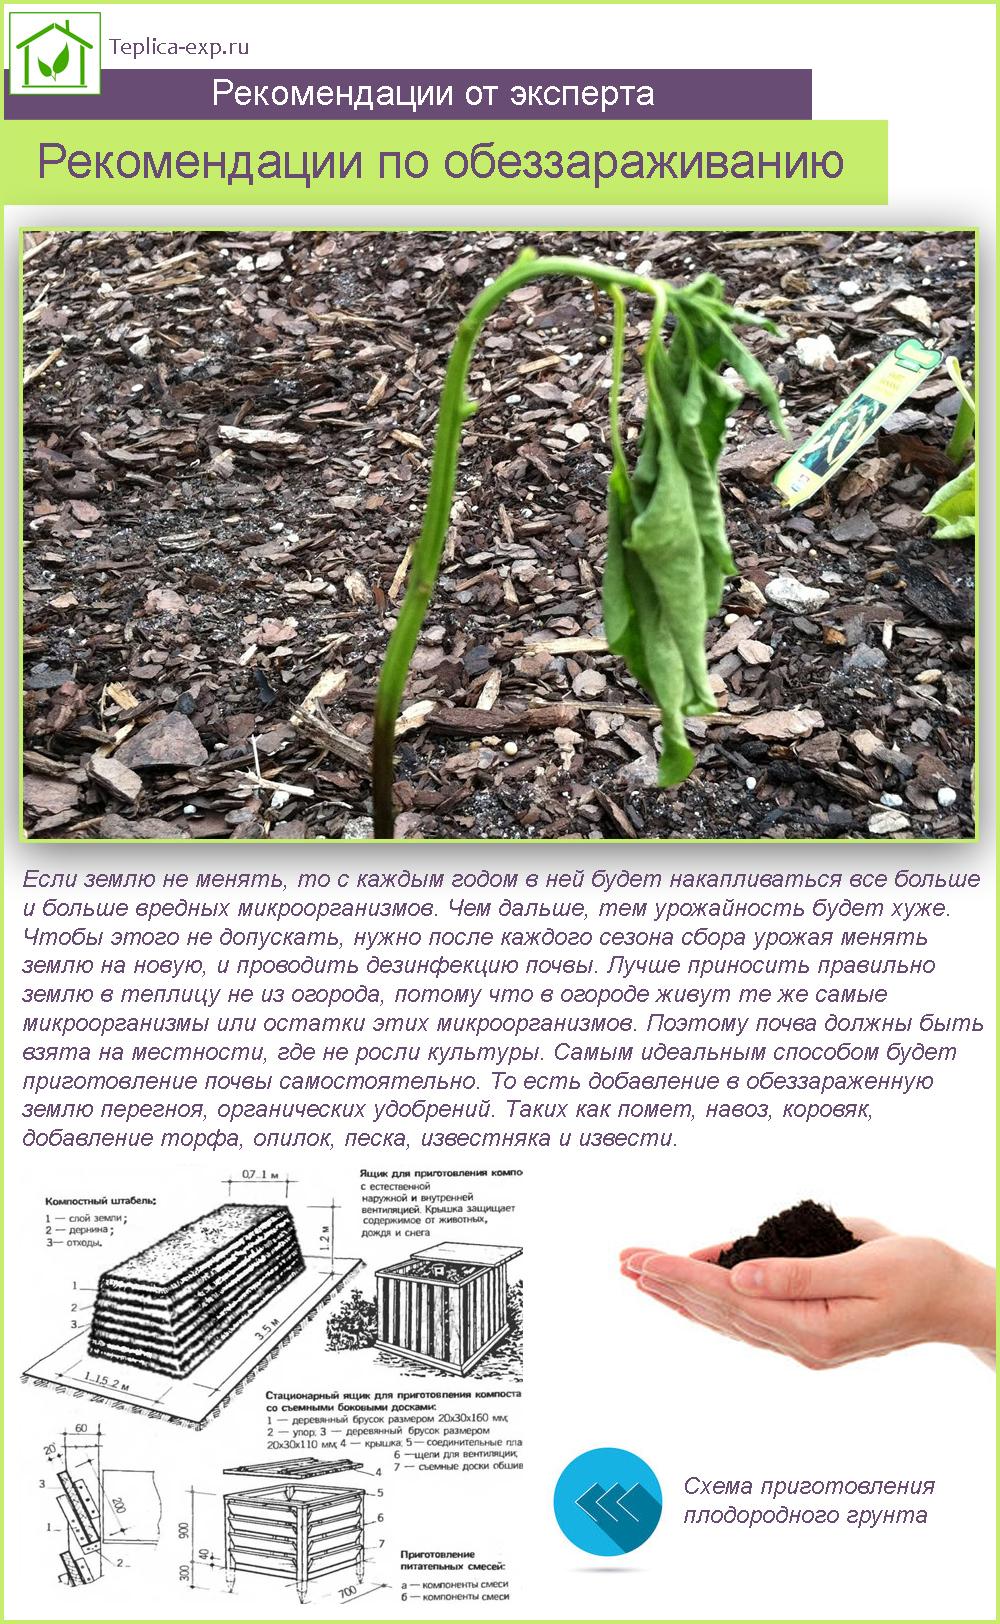 Рекомендации по обеззараживанию почвы в теплице